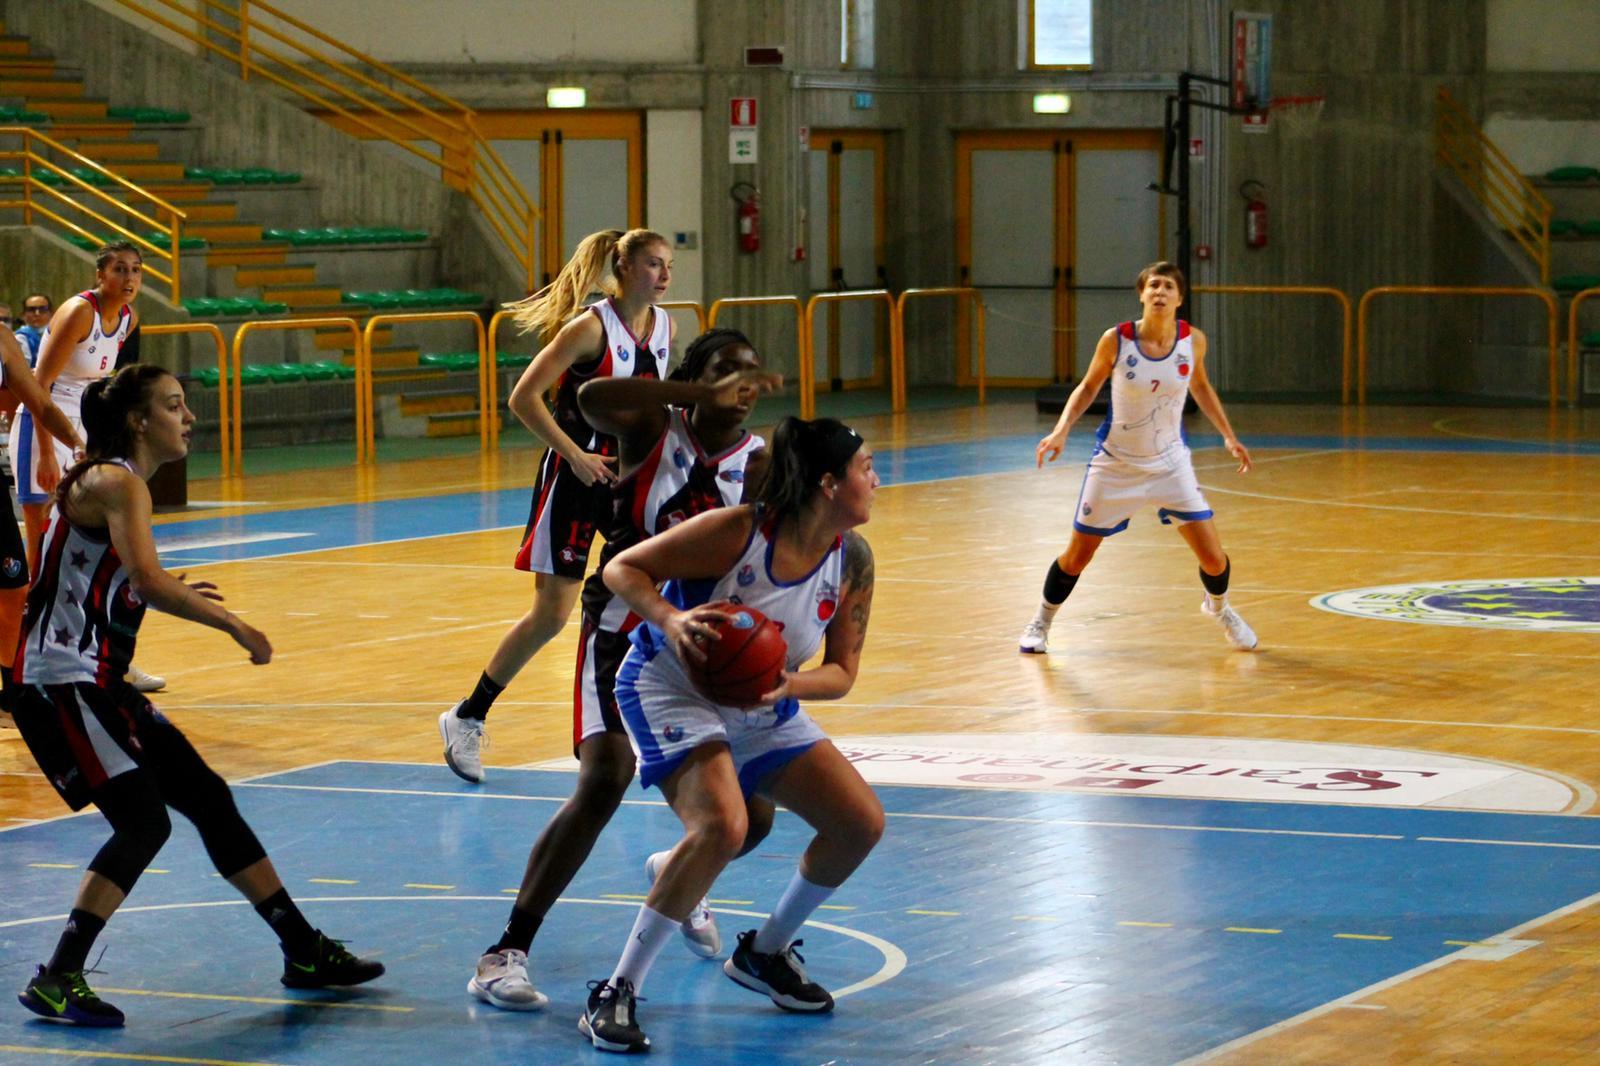 Giorgia Manfrè